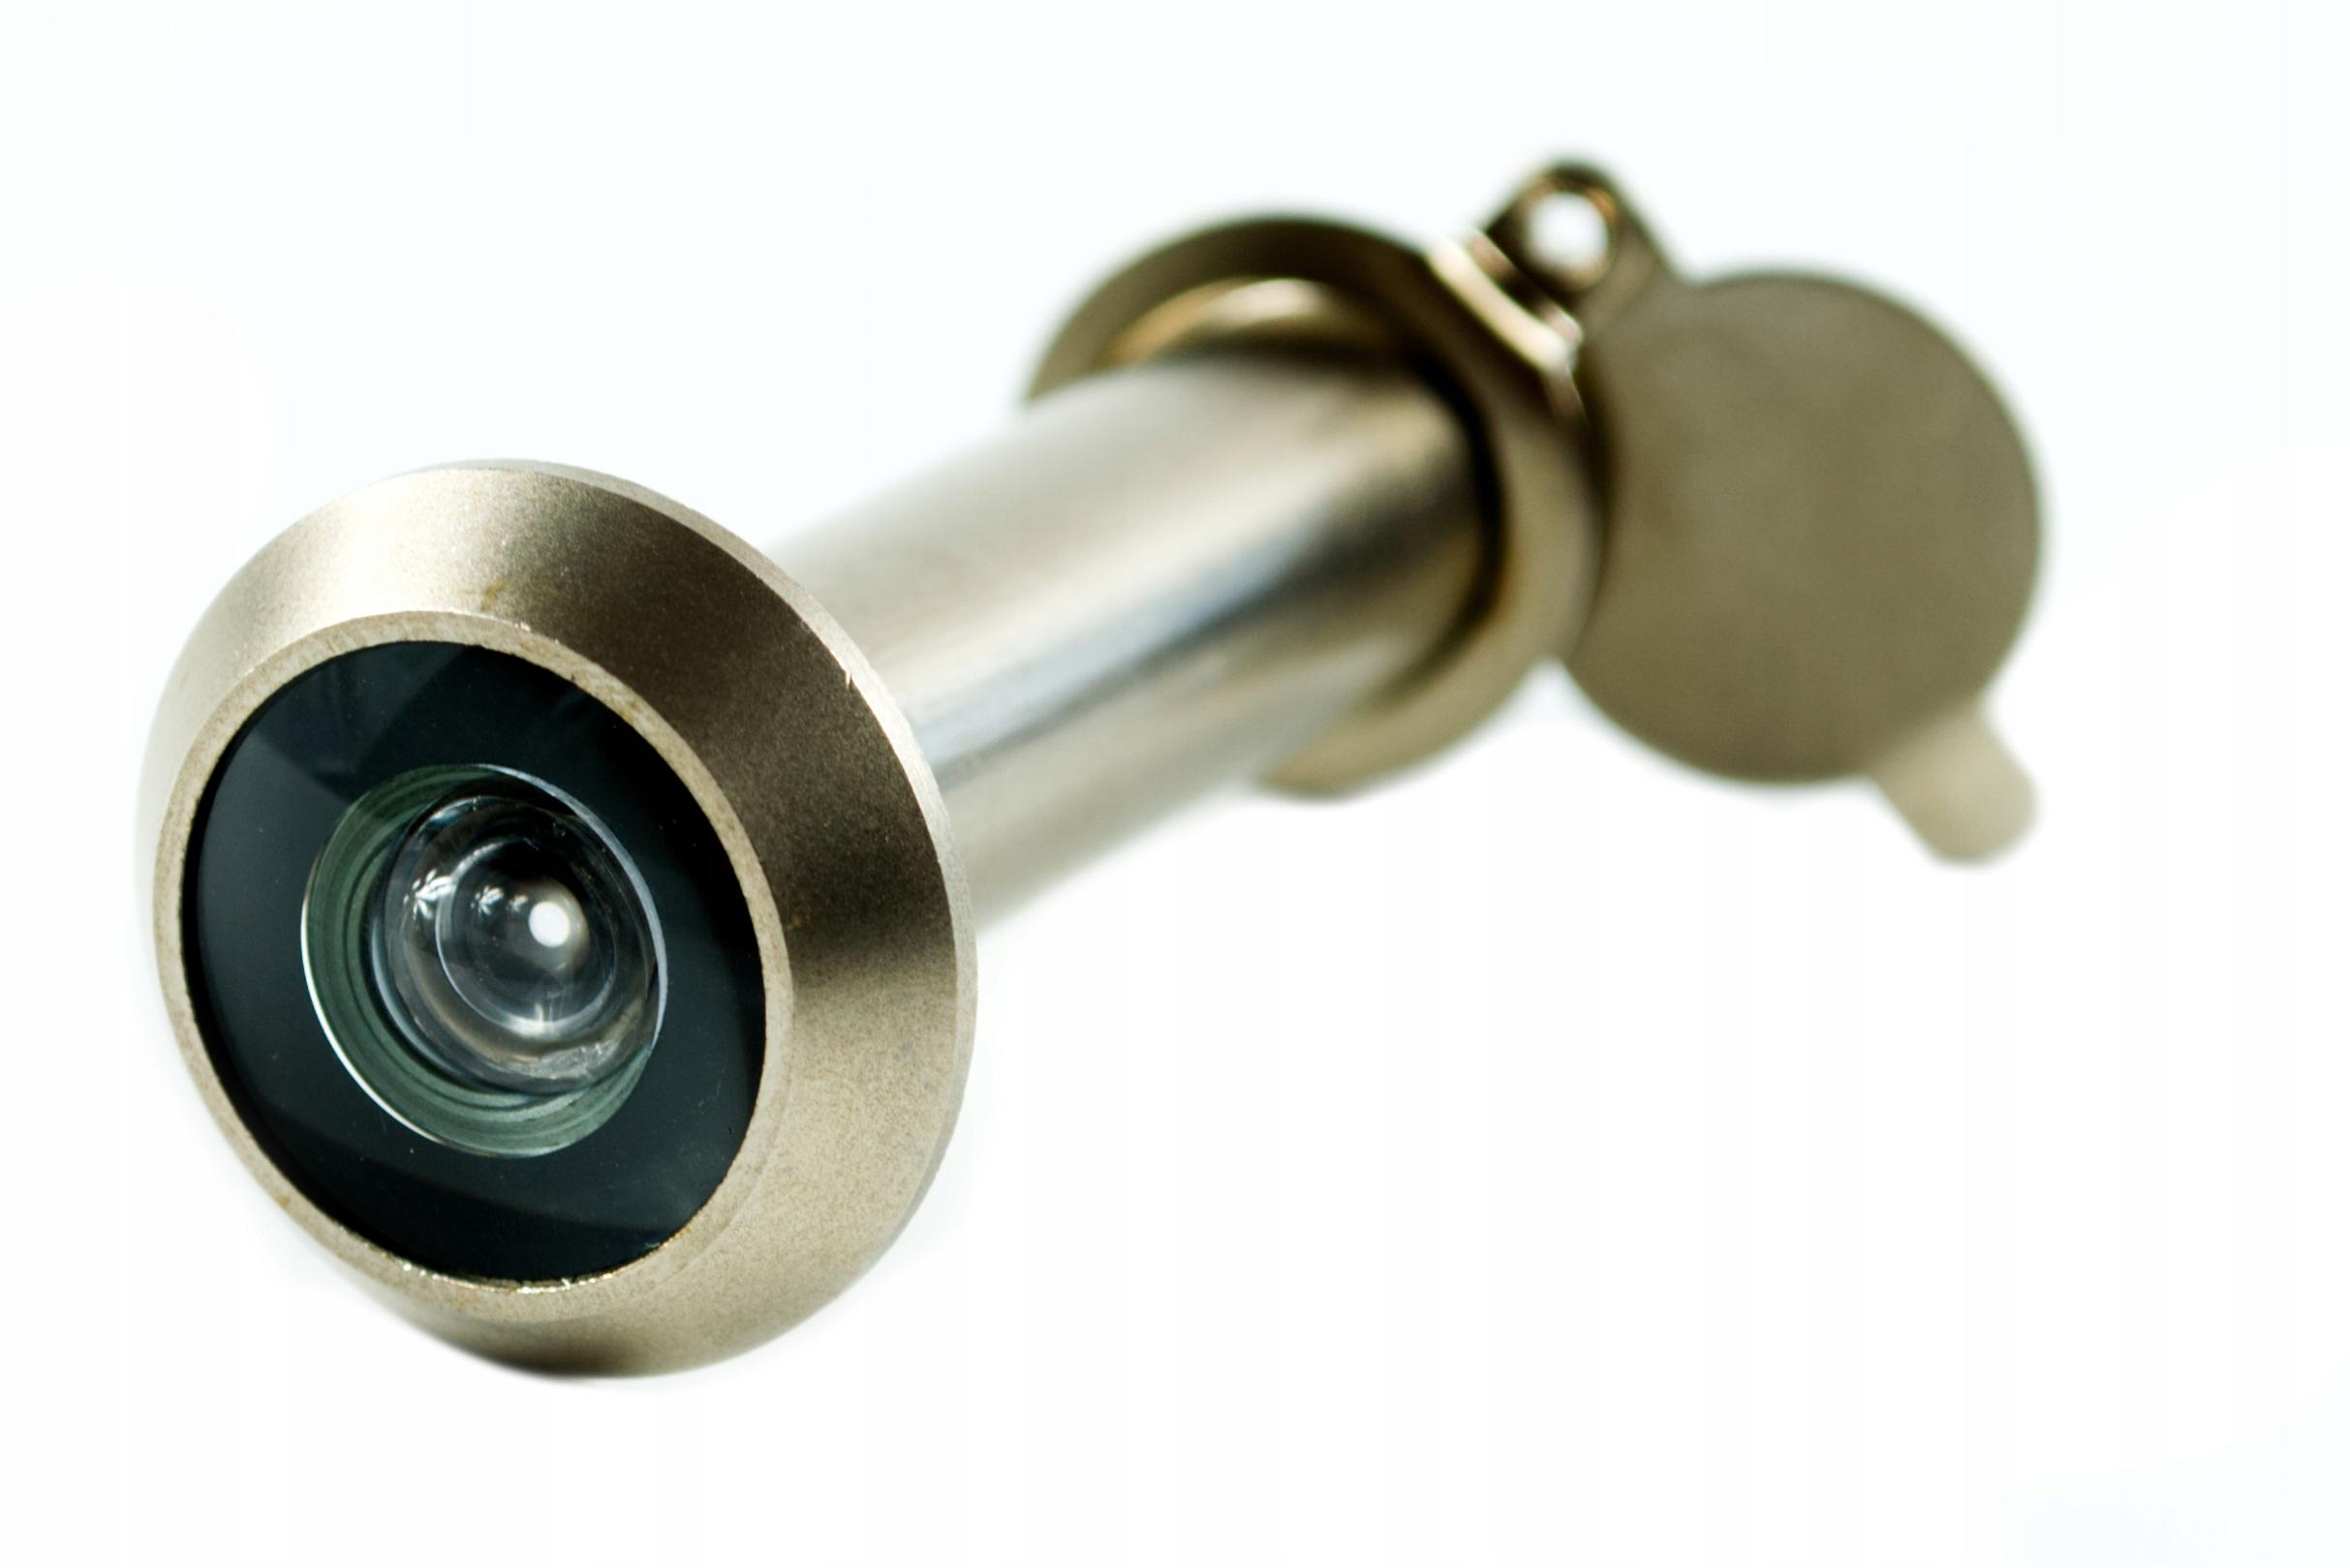 Wizjer GERDA 14mm 35-50 mm do Drzwi Judasz Satyna